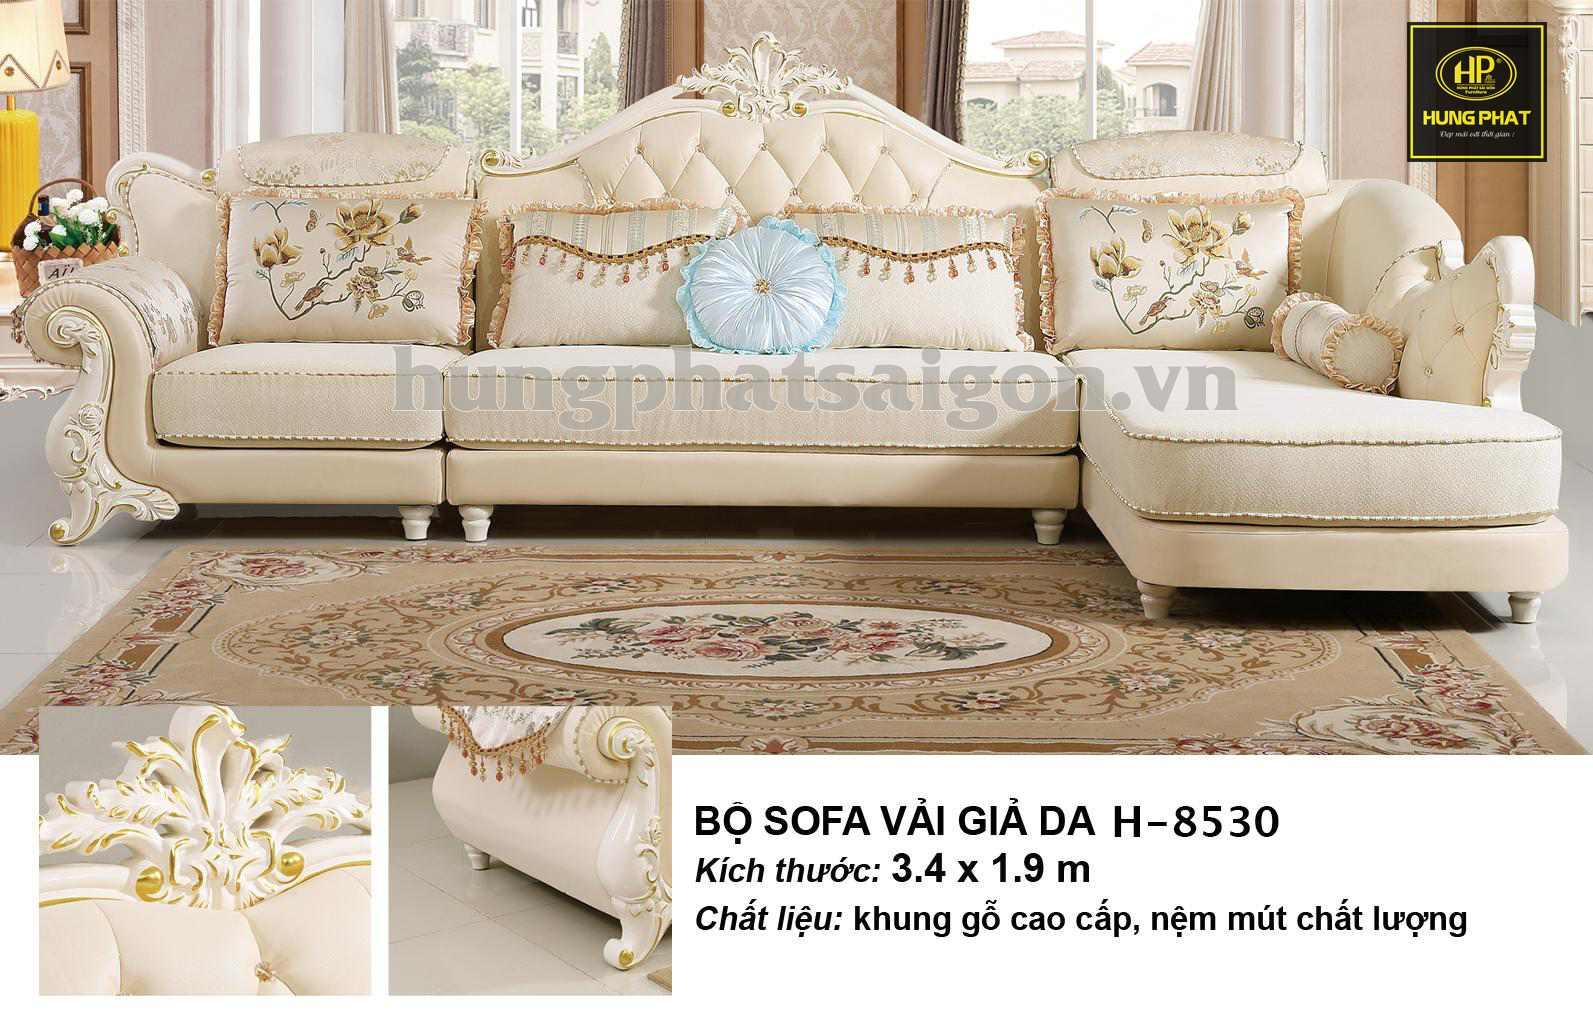 sofa tân cổ điển cao cấp chất lượng